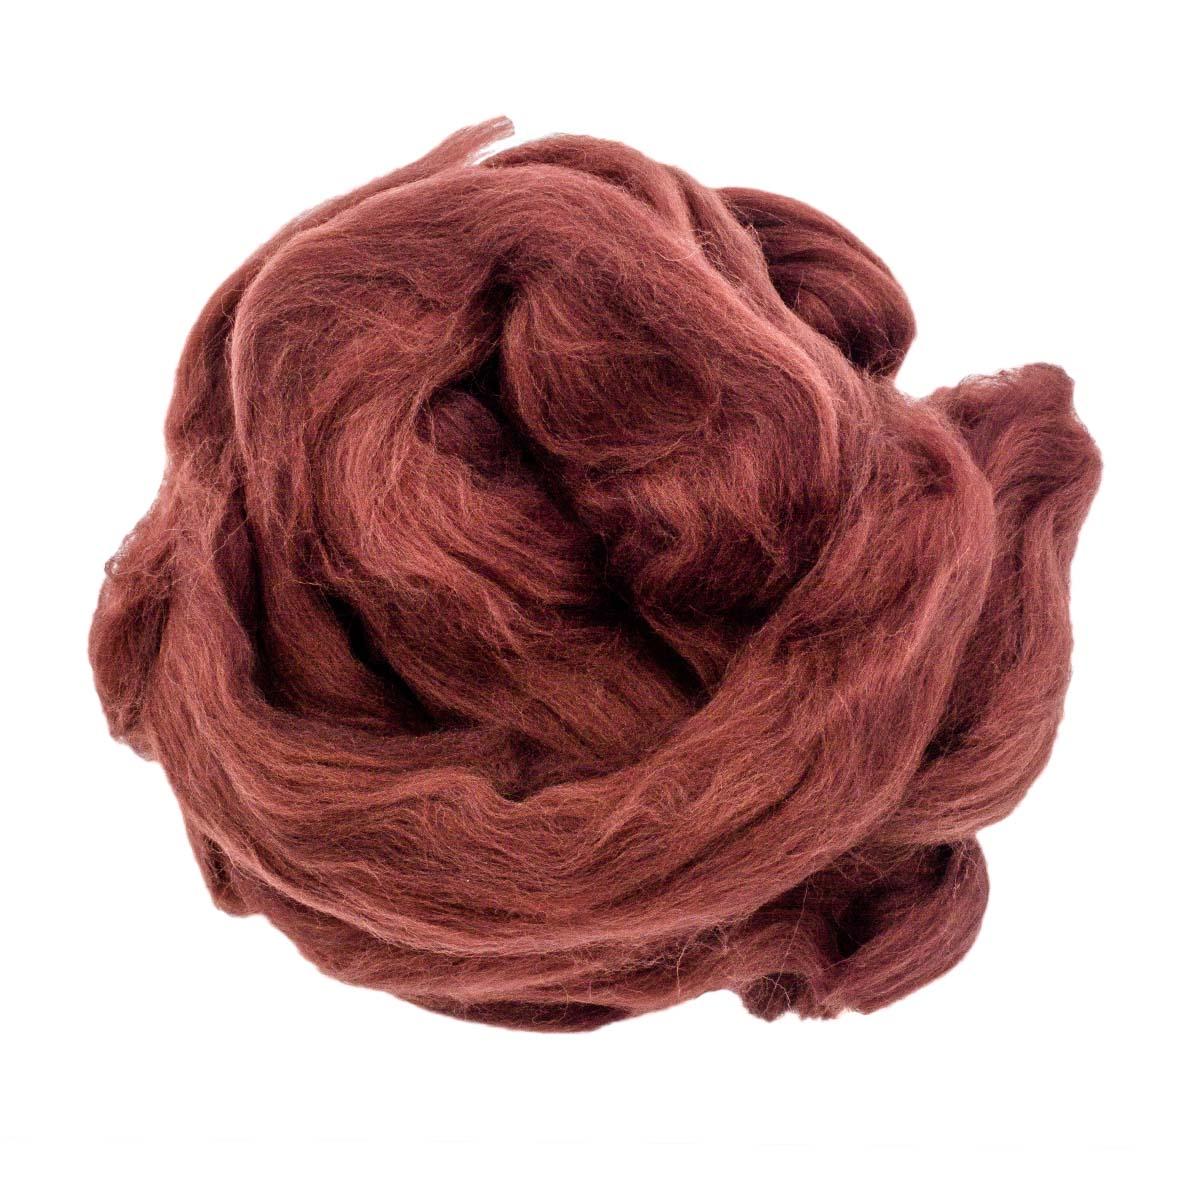 84306-2 ORCHIDEA Шерсть для валяния, цвет шоколадный, 50 г